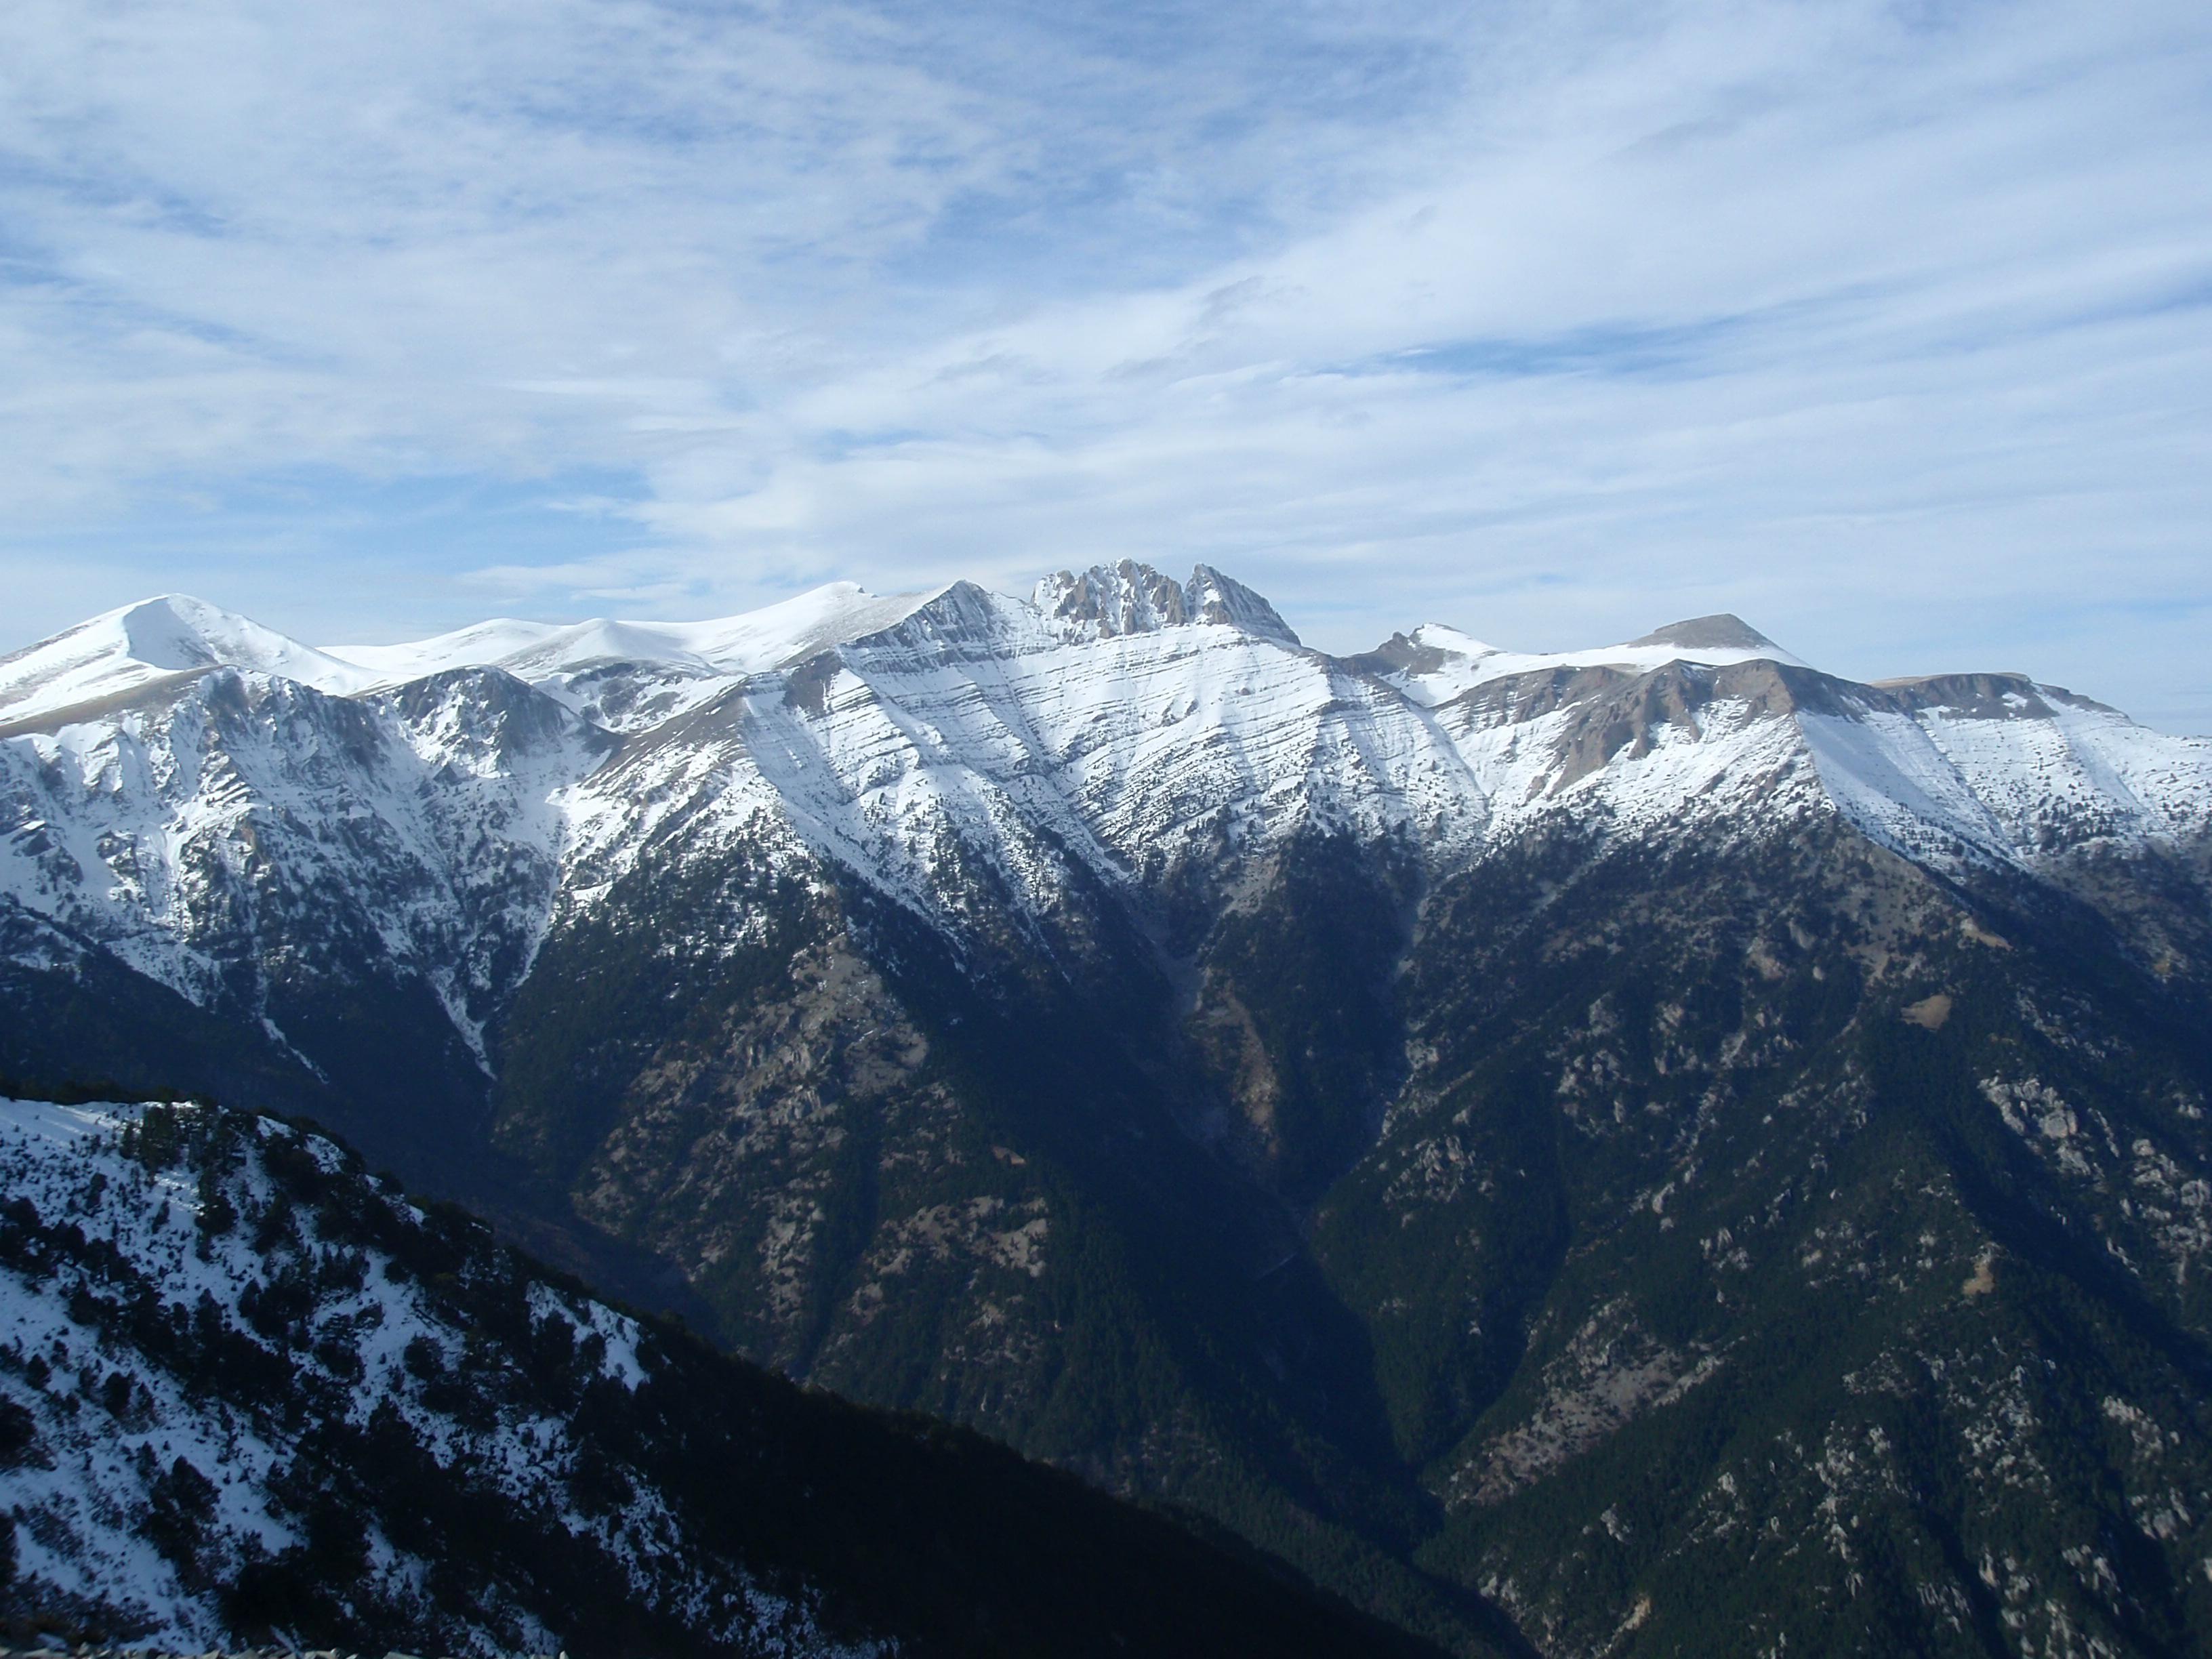 Mount-Olympus.jpg?1336570067